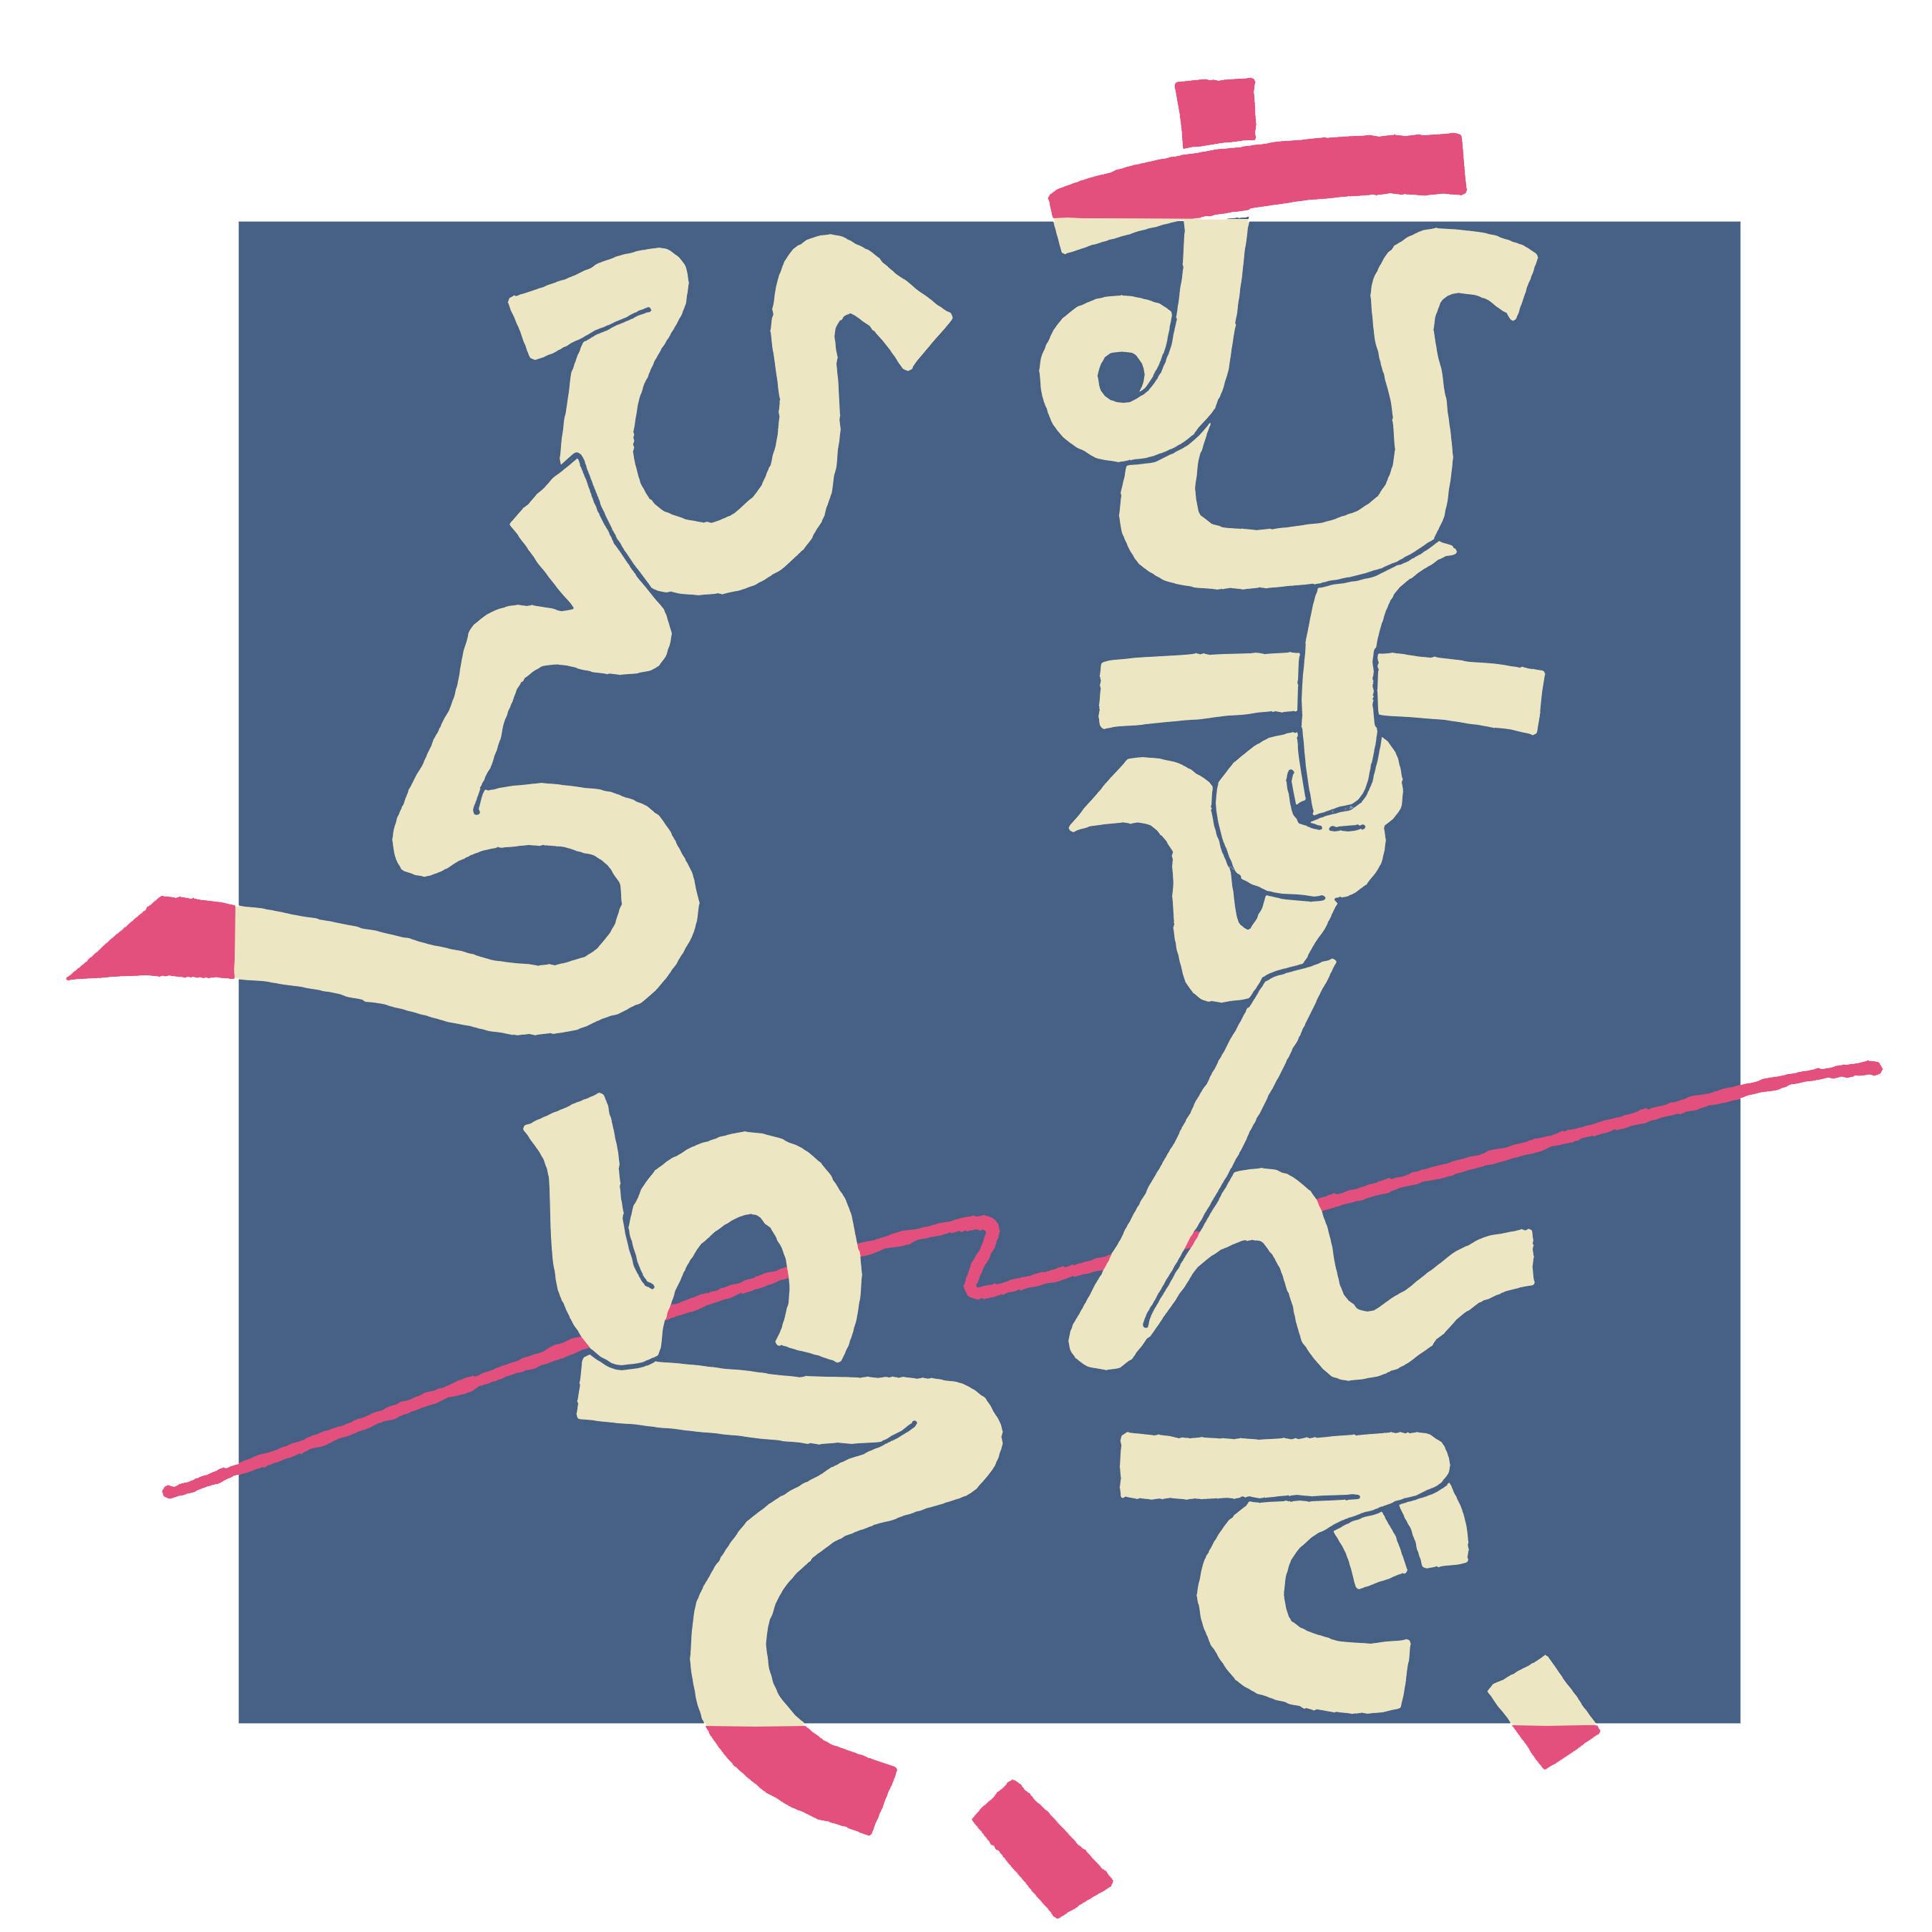 多摩美術大学・日本画専攻の2つの卒業制作展を京橋で開催。展示・販売を行うグループも。